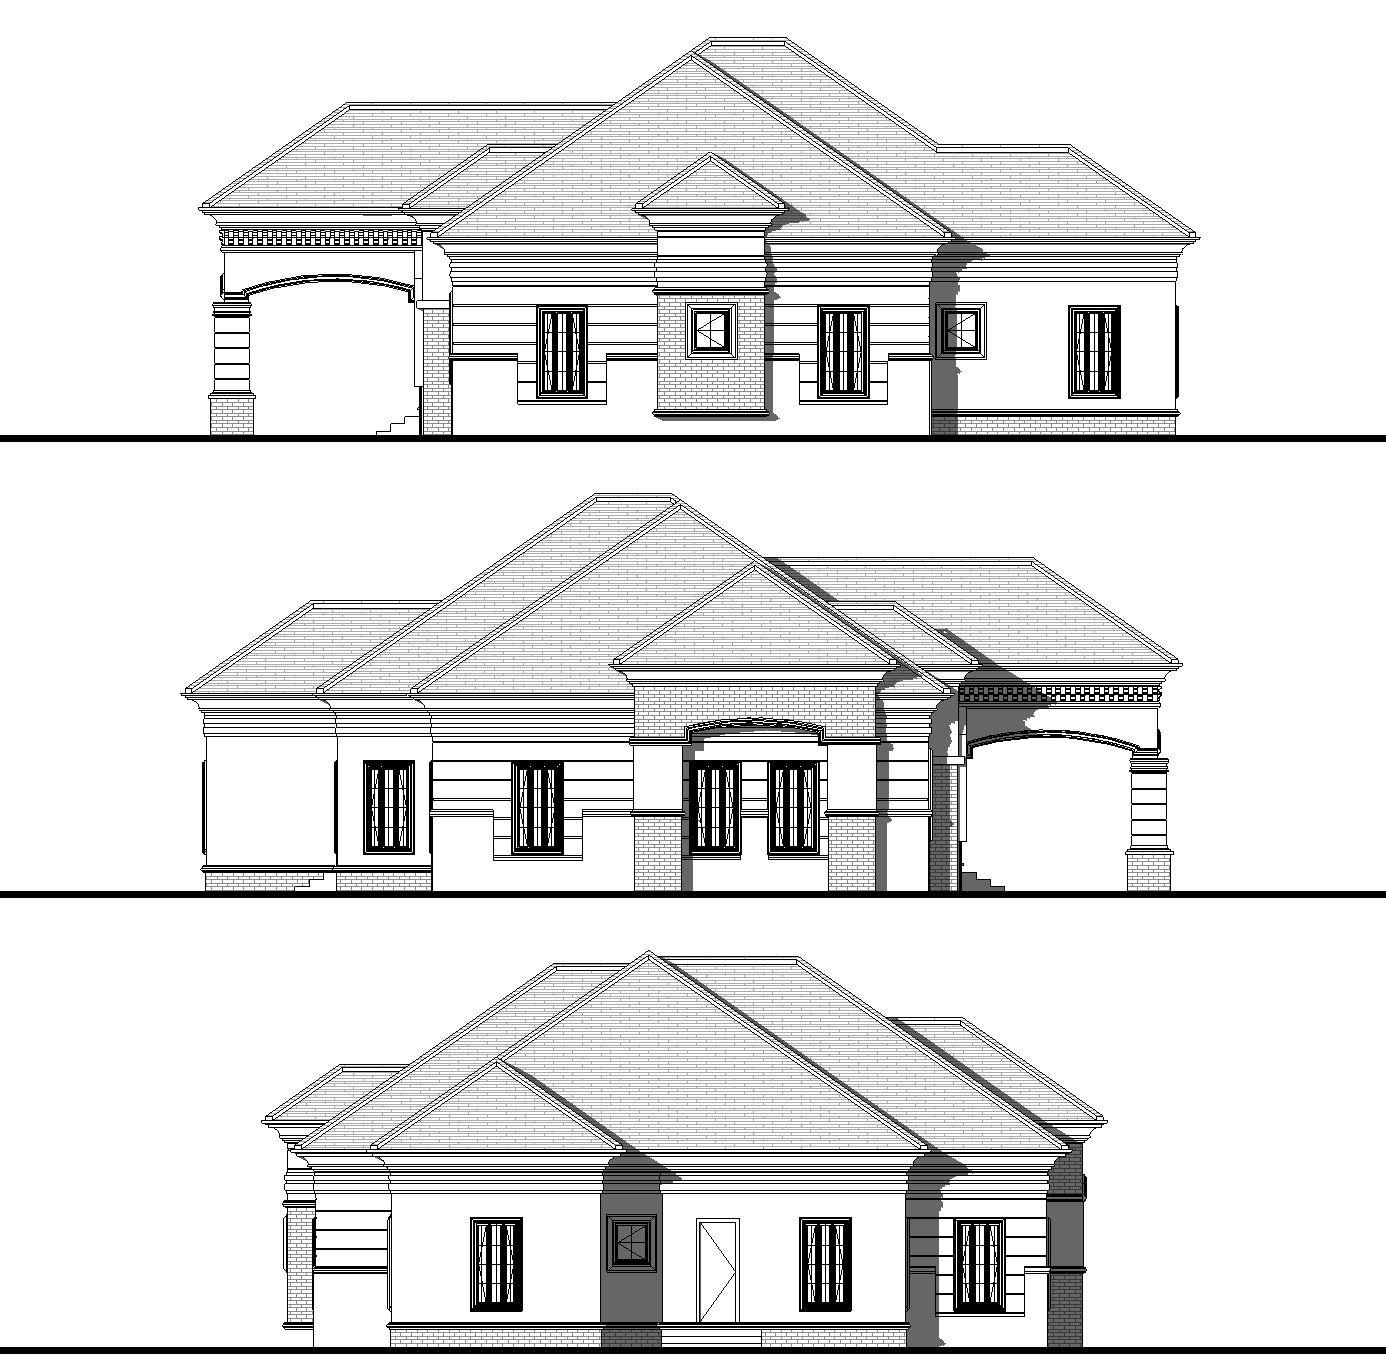 3 Bedroom Bungalow Ref 3025 3 Bedroom Bungalow Bungalow Style House Bungalow Floor Plans